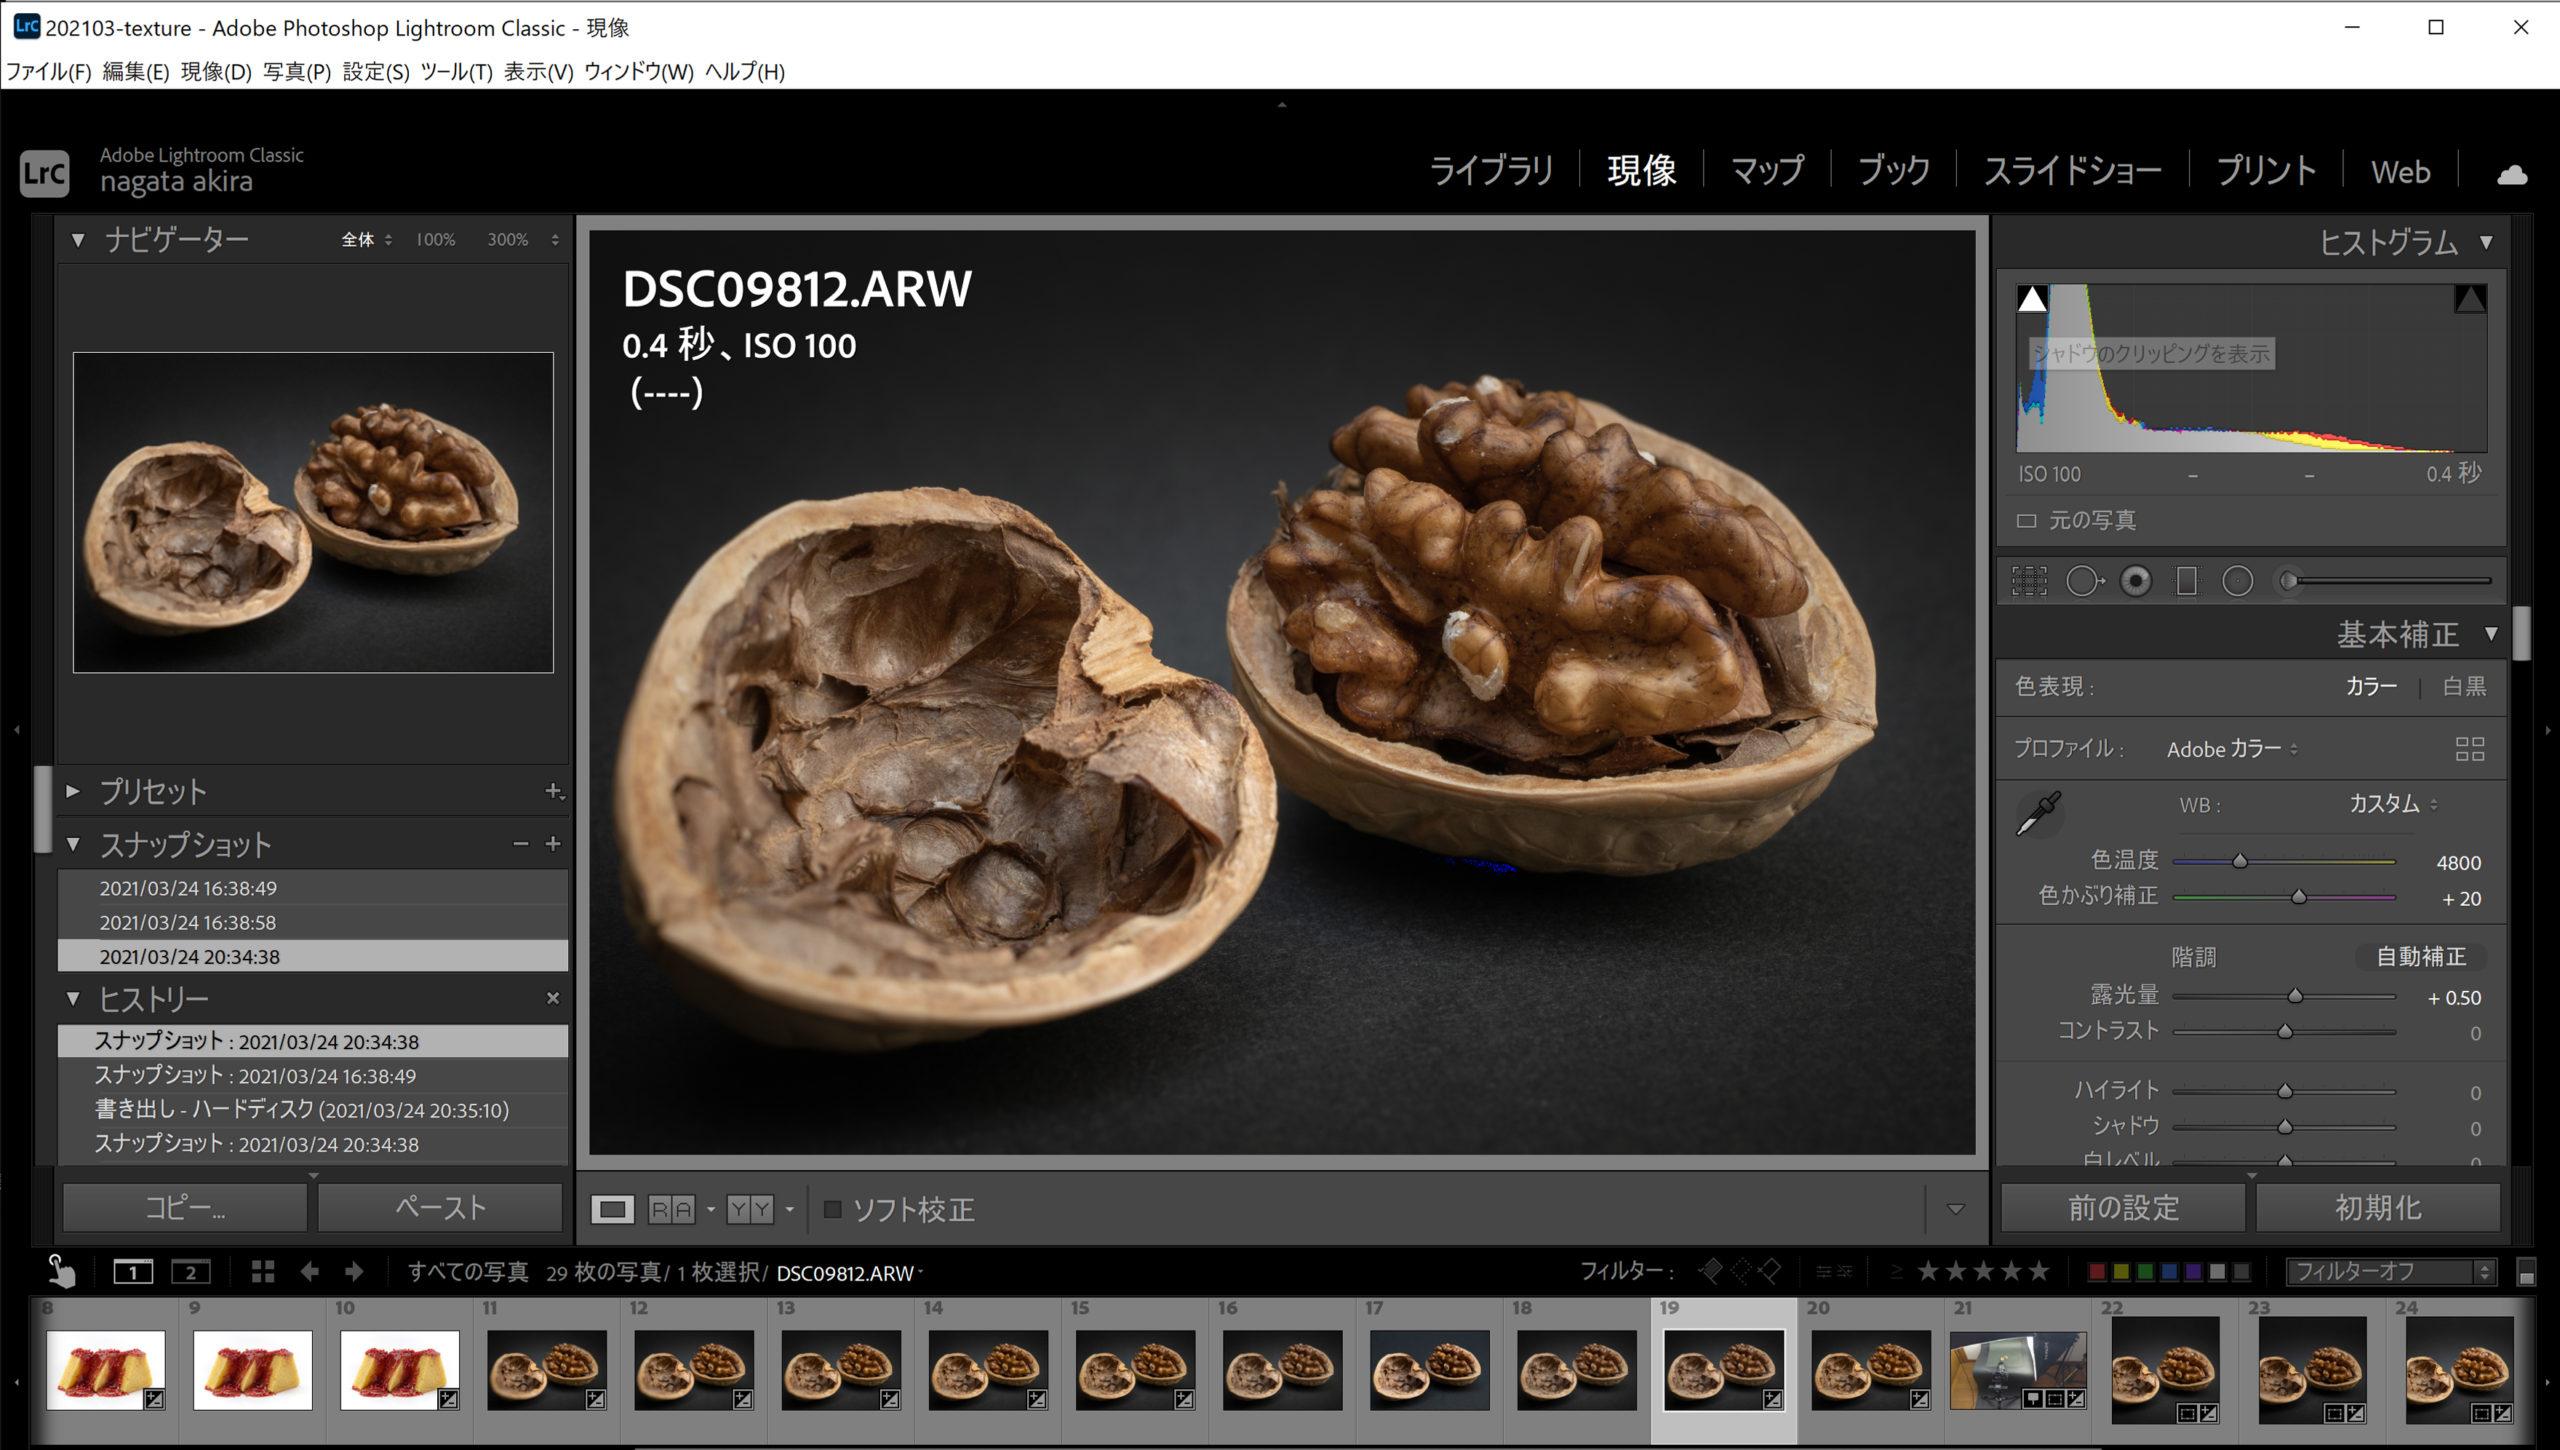 胡桃(Walnuts)のRAW現像